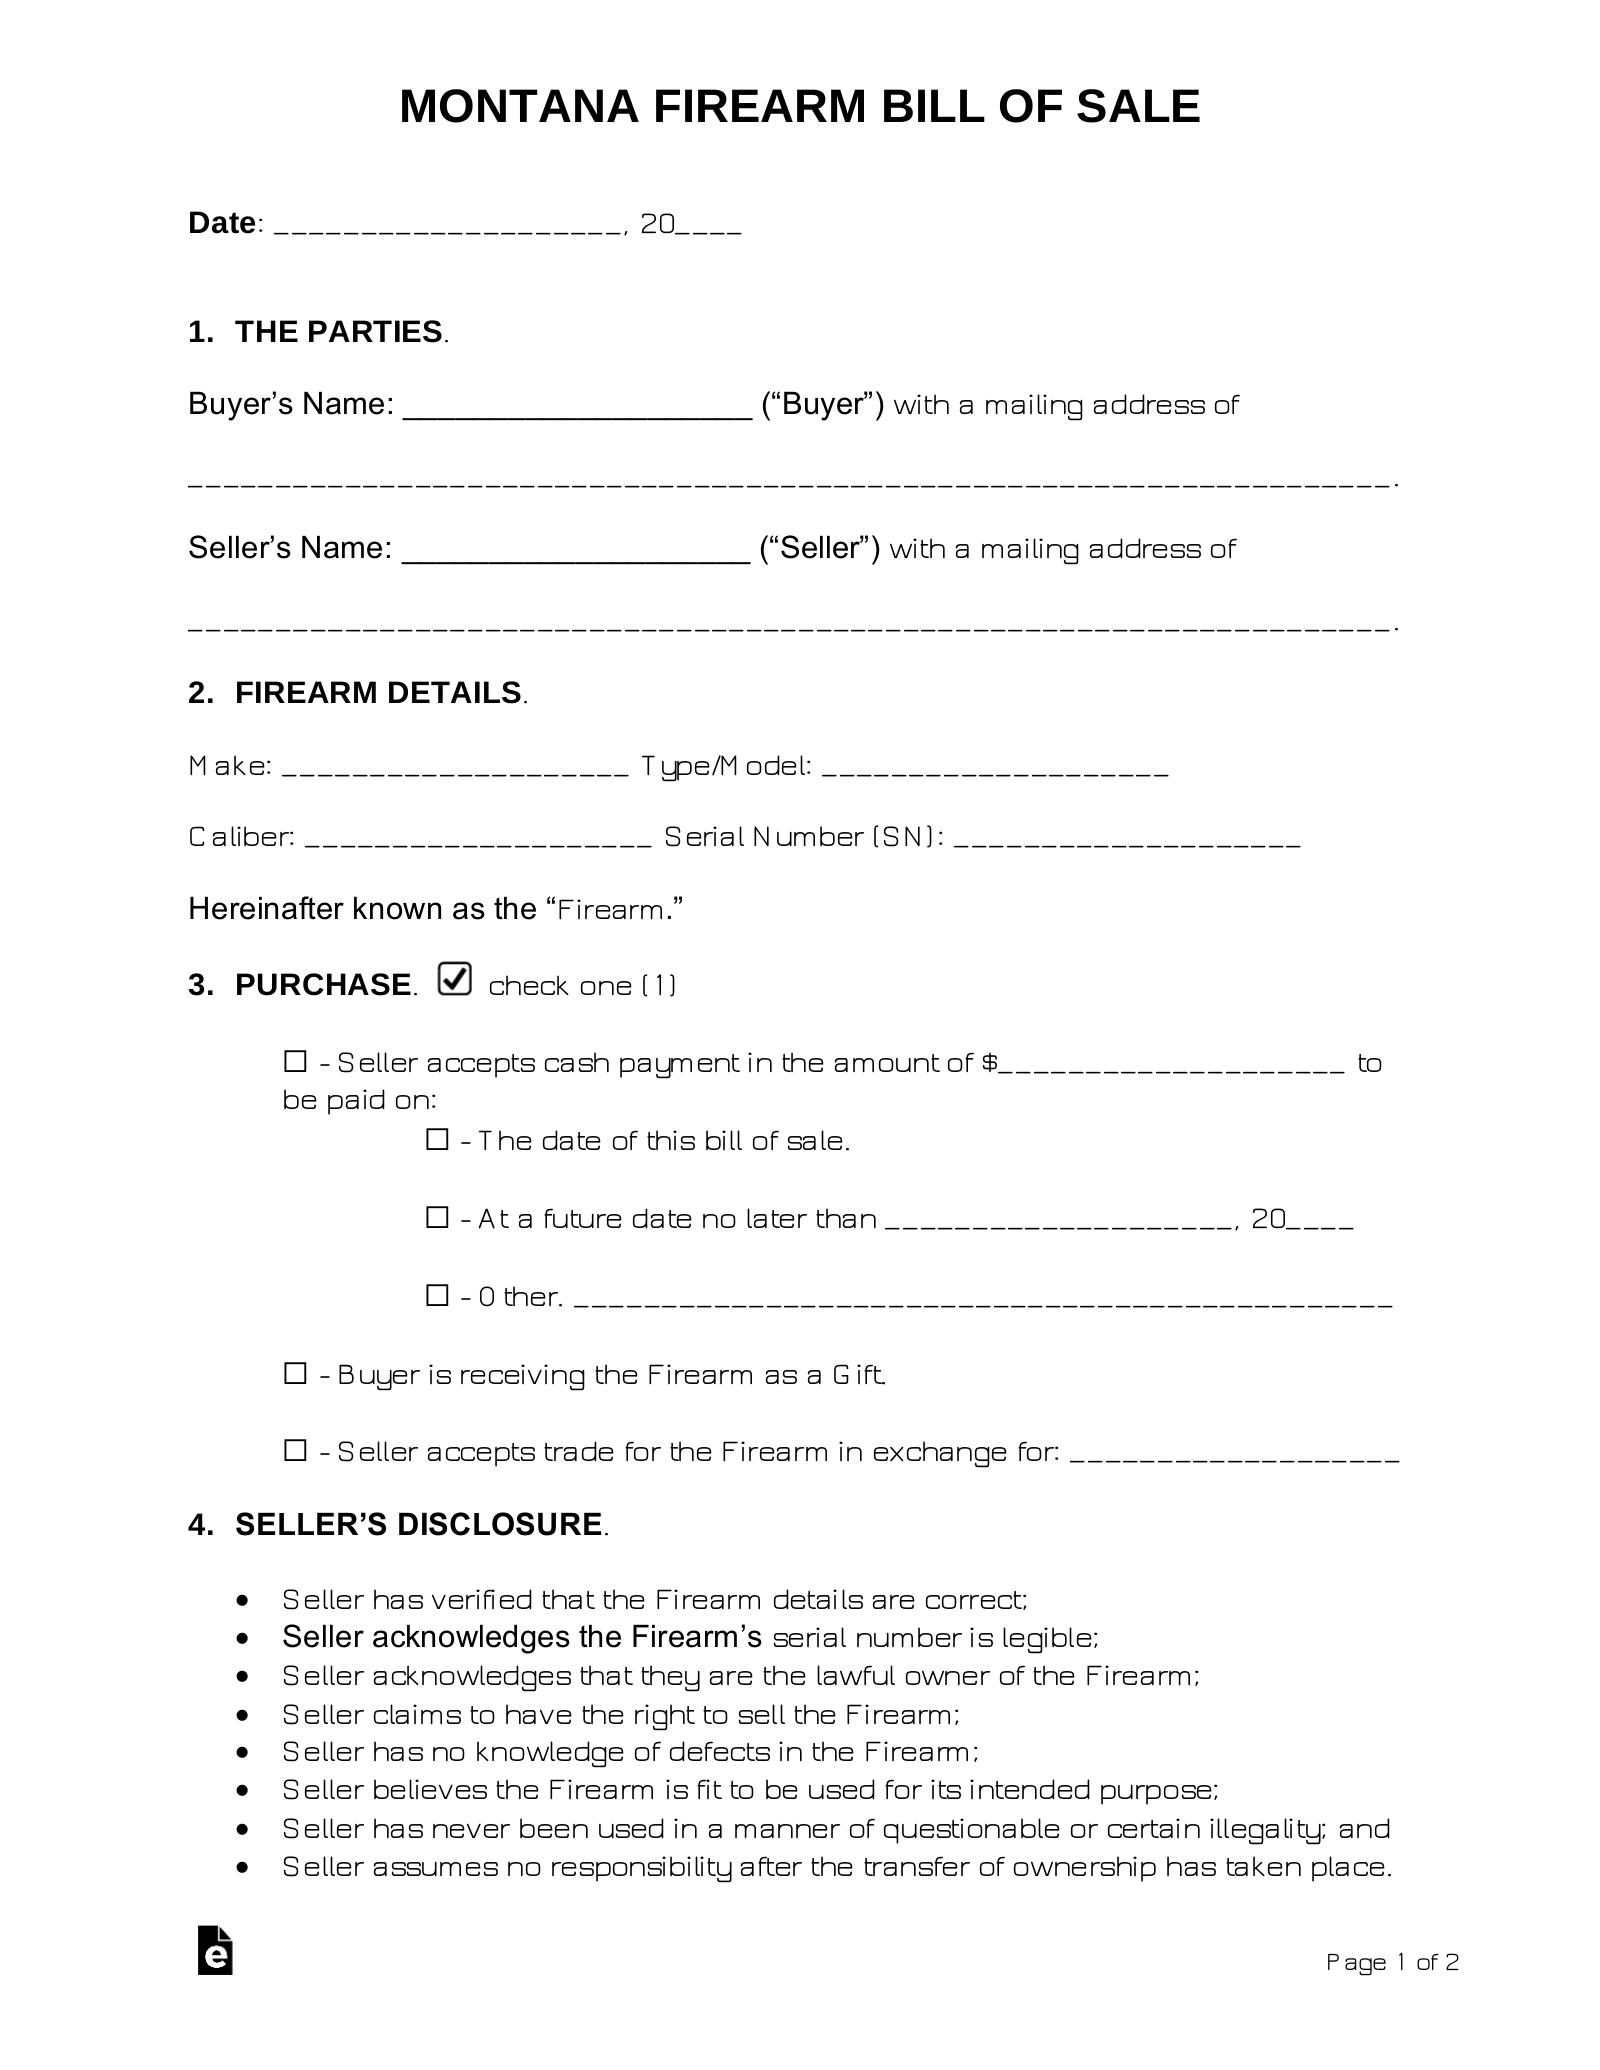 free montana firearm bill of sale form